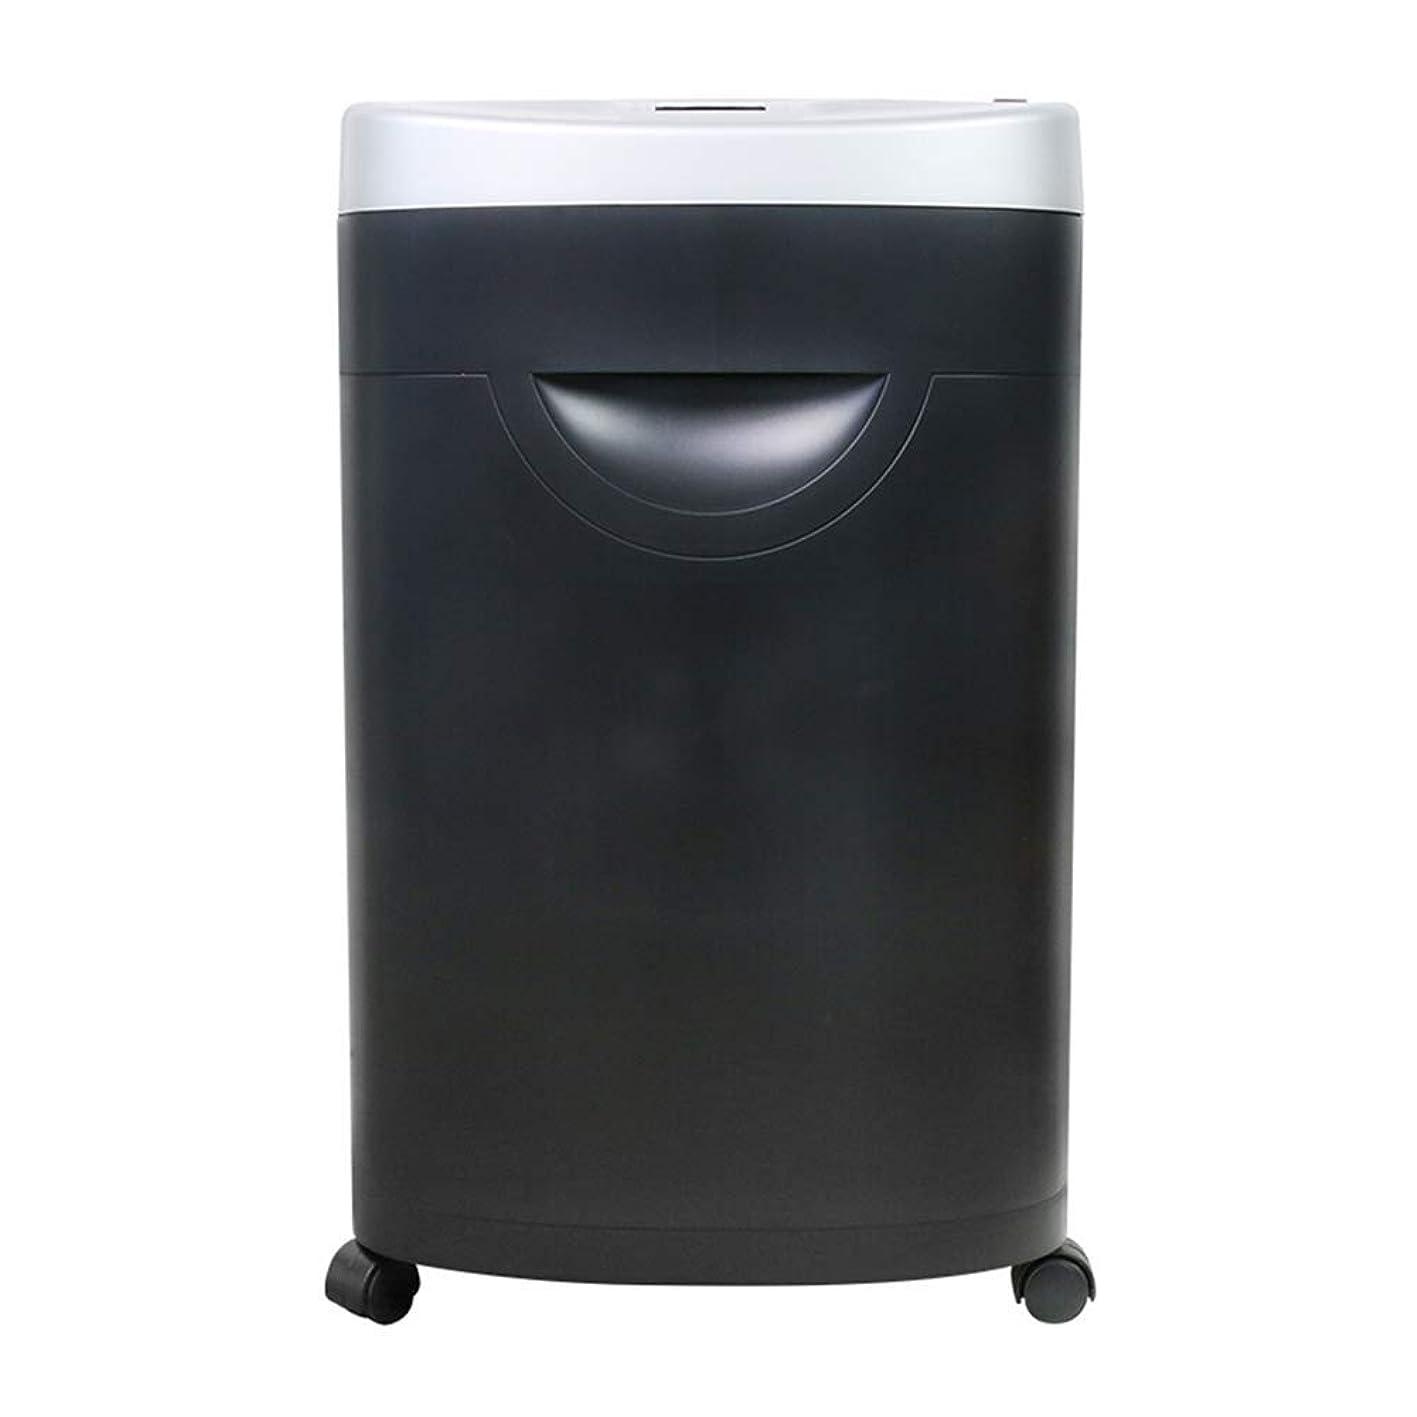 検体匿名葉を集める家庭用ペーパーシュレッダークロスカットヘビーデューティーオフィス用ペーパーシュレッダーペーパーシュレッダー2x10mm高セキュリティシュレッダーペーパー/カード/CD大容量